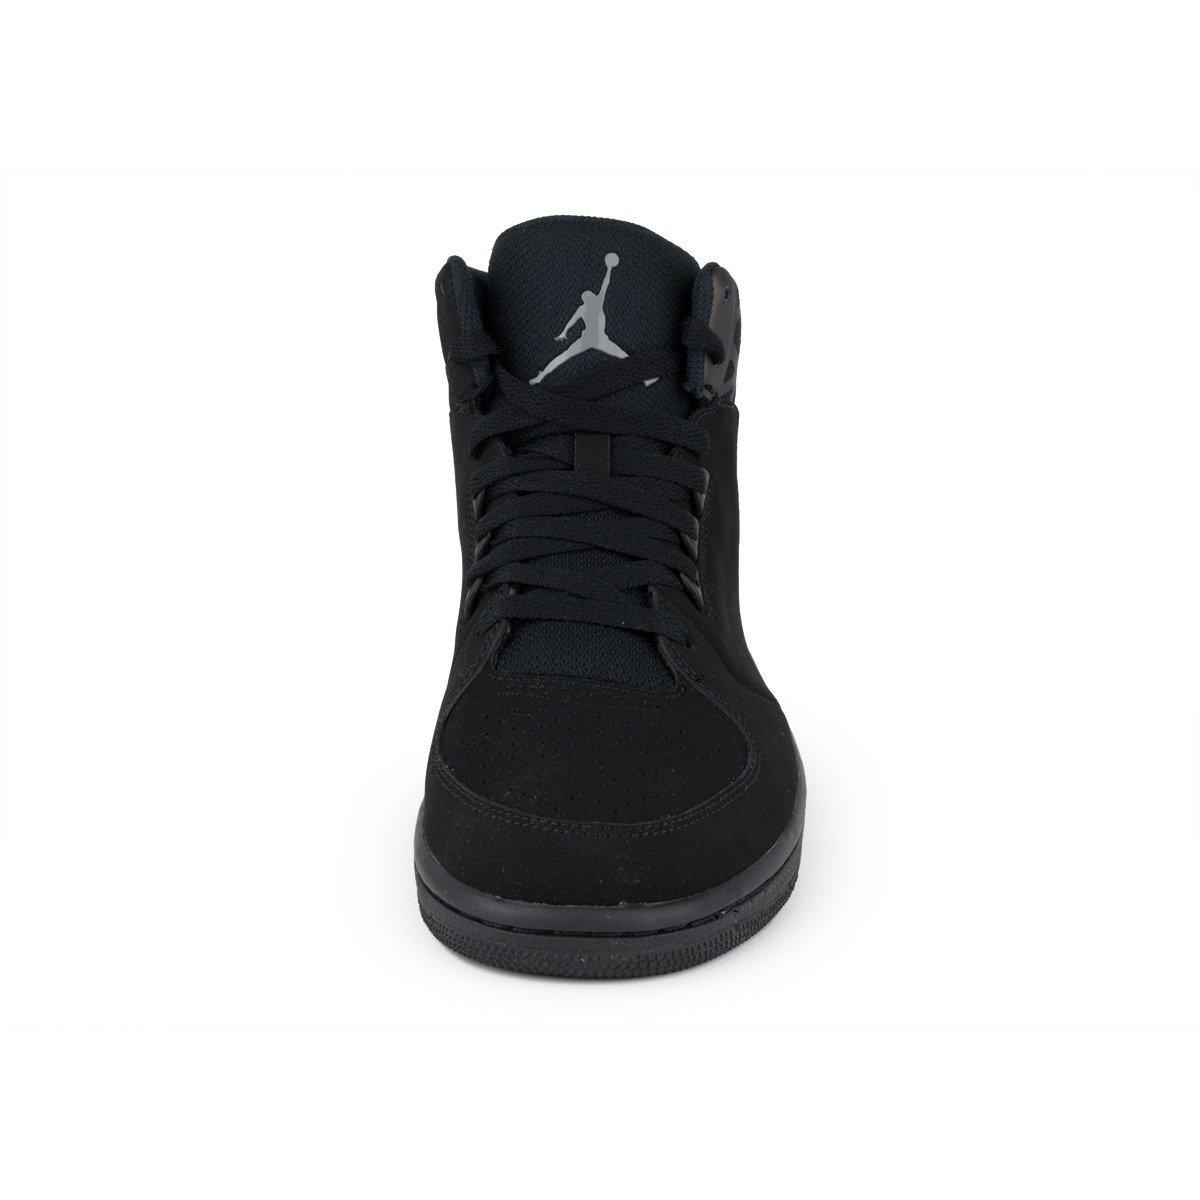 nike jordan 1 flight 3 shoes 706954 010 basketball. Black Bedroom Furniture Sets. Home Design Ideas